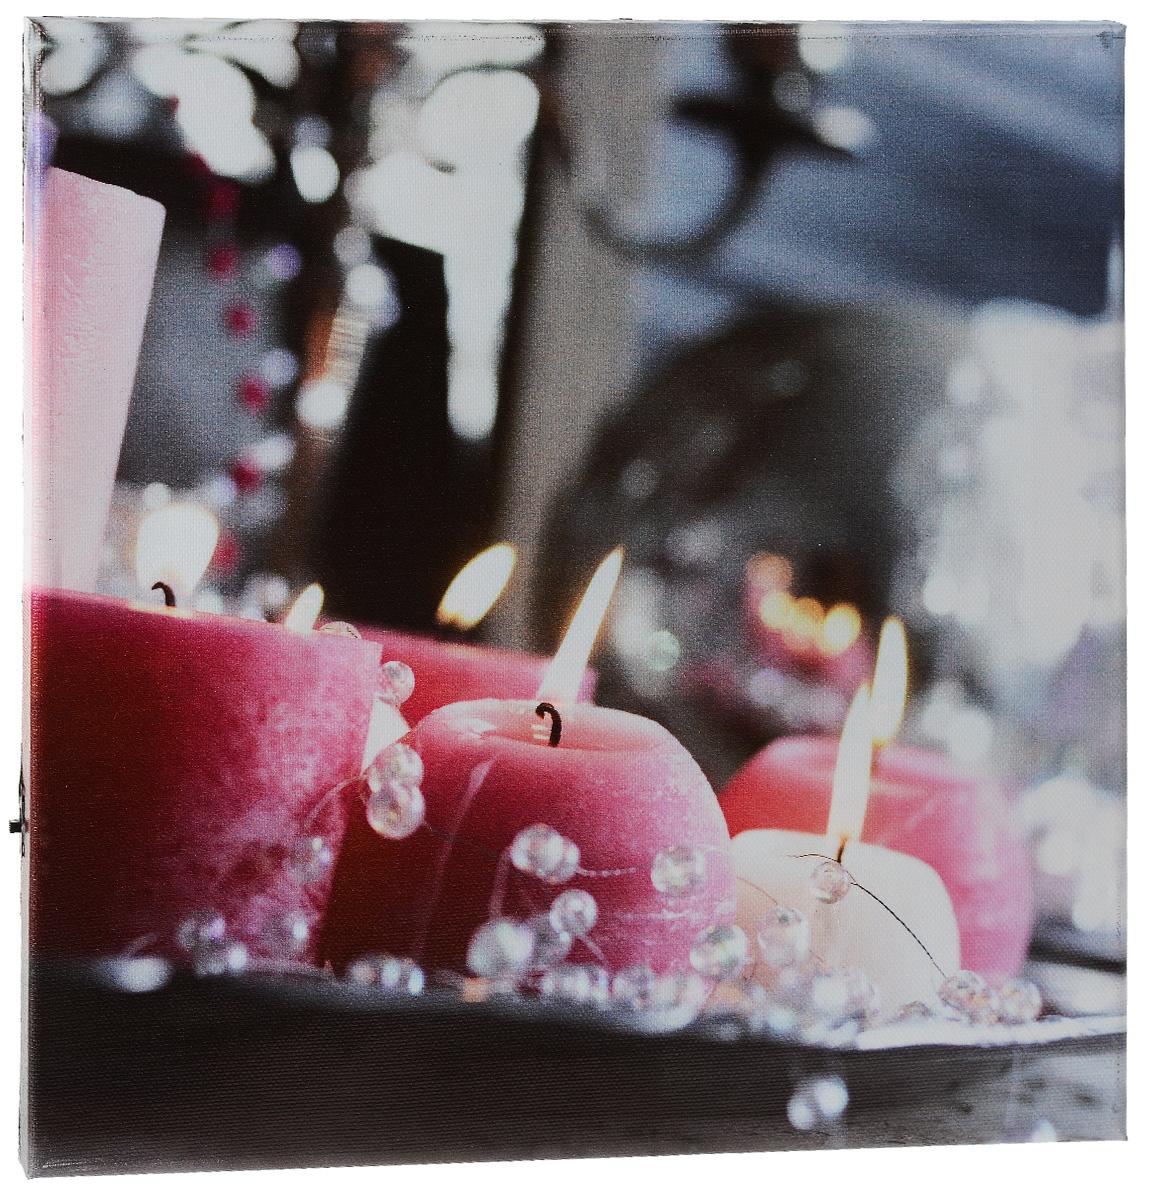 Картина MTH Свечи и бусы, со светодиодами, 30 х 30 см12723Картина MTH Свечи и бусы выполнена на основе из МДФ, обтянутой холстом.Изделие оснащено светодиодами. Их теплый мерцающий в темноте светоживит ваш дом и добавит ему уюта. На картине изображены декоративные свечи с бусами. Благодаря светодиодной подсветке создается ощущение, что теплый свет, исходящий от свечей, действительно может согревать. С оборотной стороны картина оснащена специальным отверстием для подвешивания на стену.Необычная картина придаст интерьеру невероятного шарма и оригинальности.Рисунок успокаивает нервную систему, помогая расслабиться и отвлечься отповседневных забот. Подсветка работает от 2 батареек типа АА напряжением 1,5V (в комплект не входят).